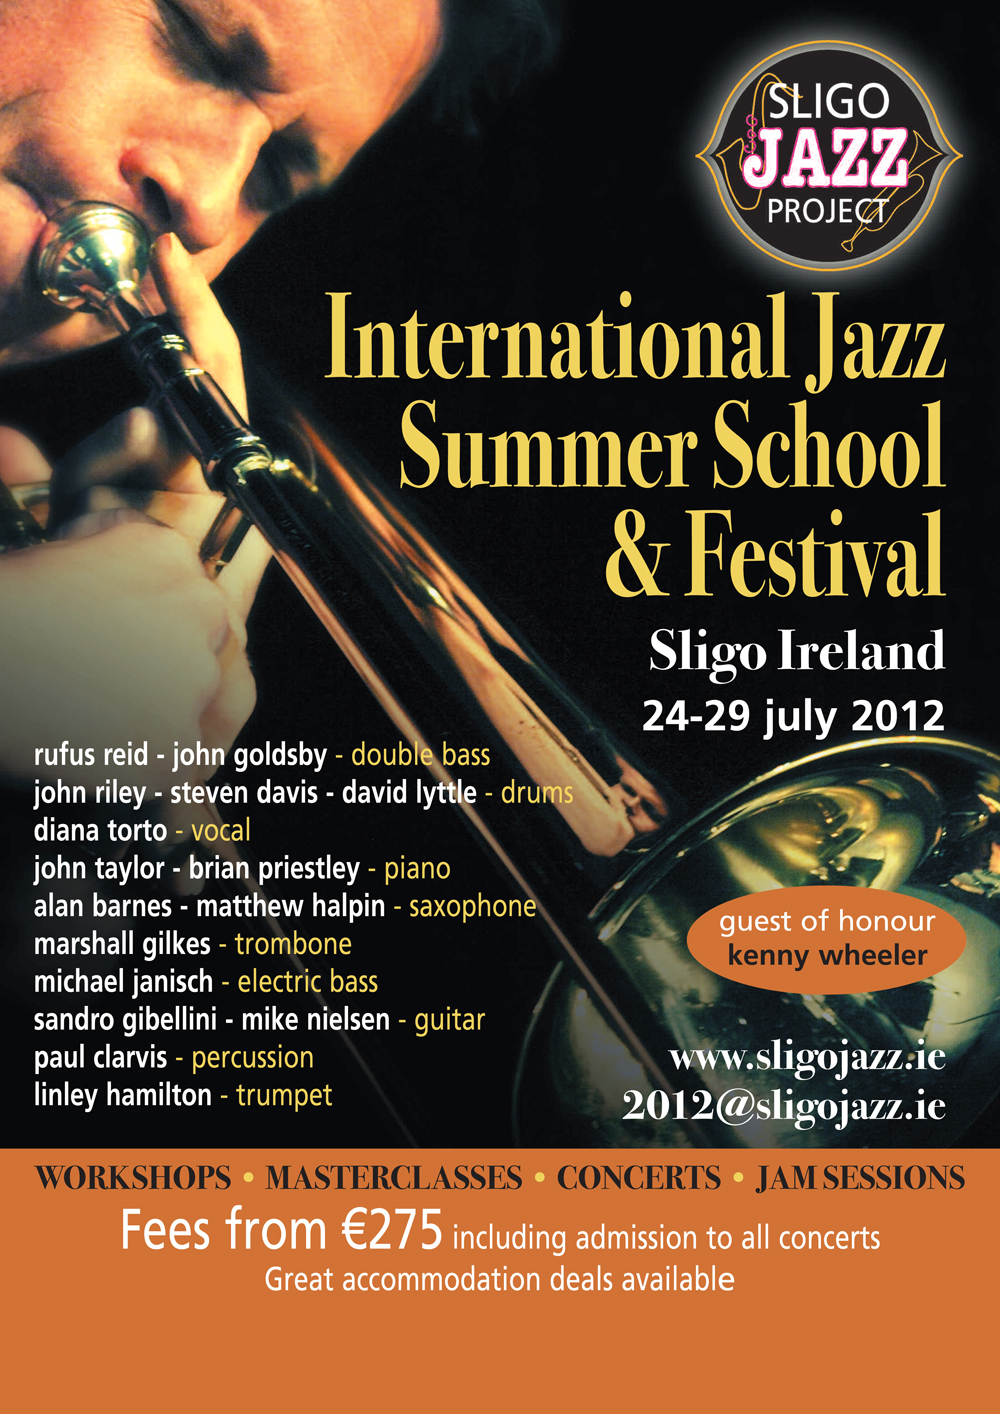 Sligo Jazz Summer School and Festival 24-29 July 2012